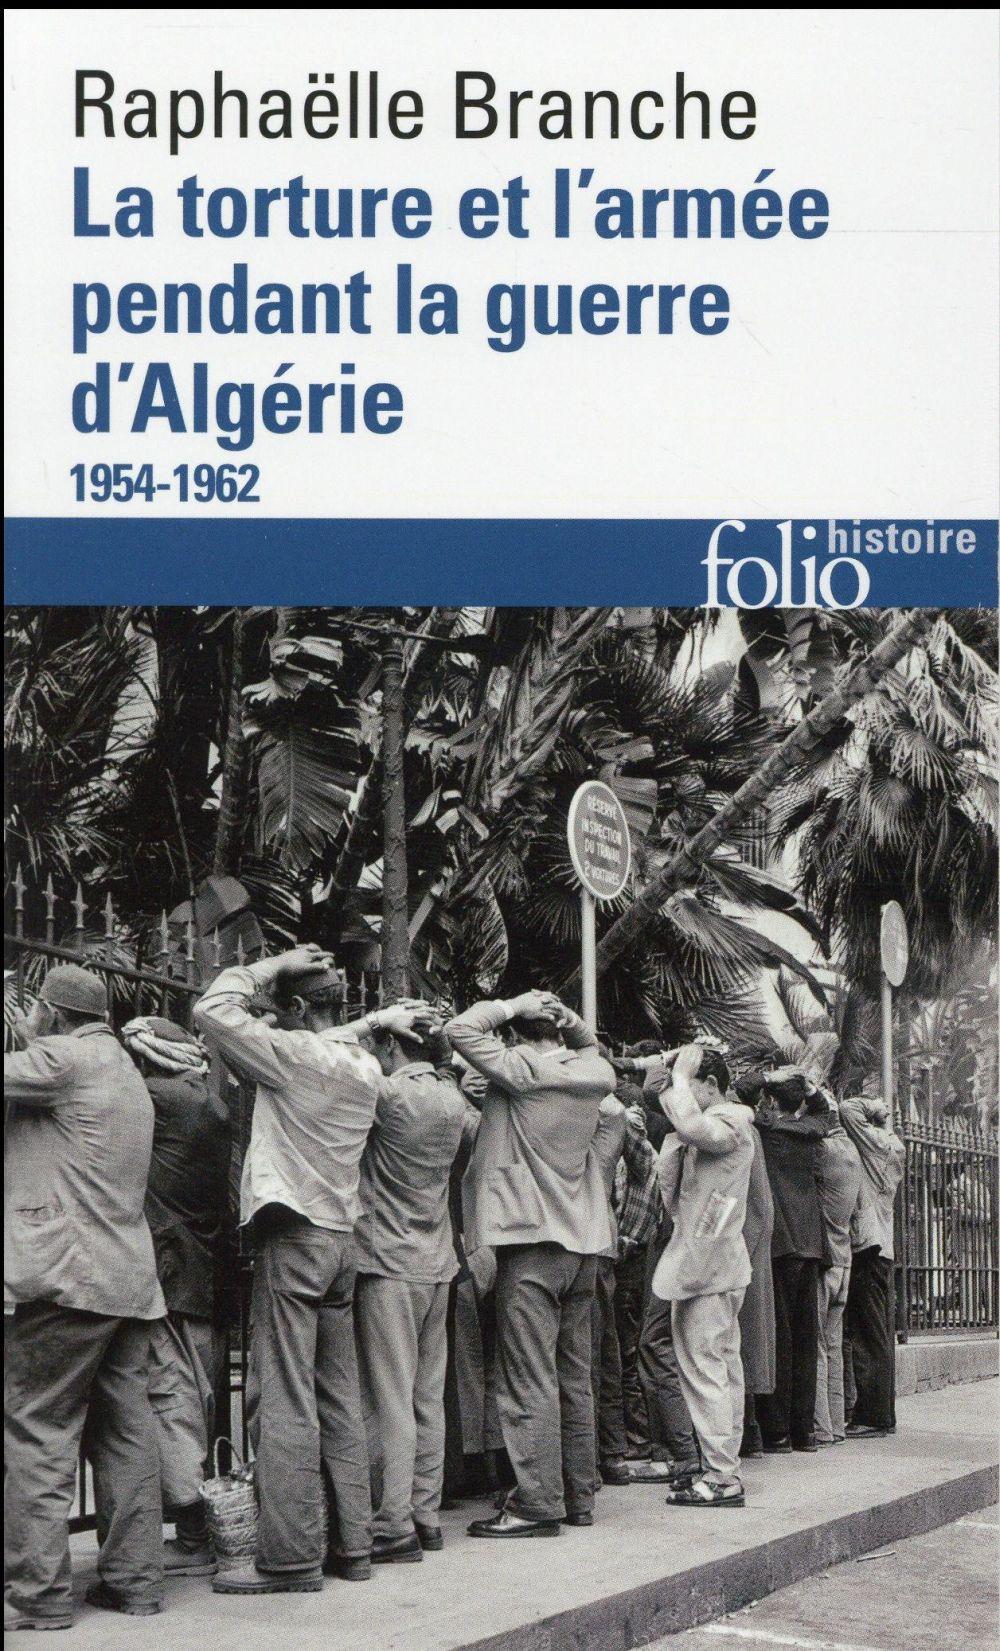 La torture et l'armée pendant la guerre d'Algérie (1954-1962)